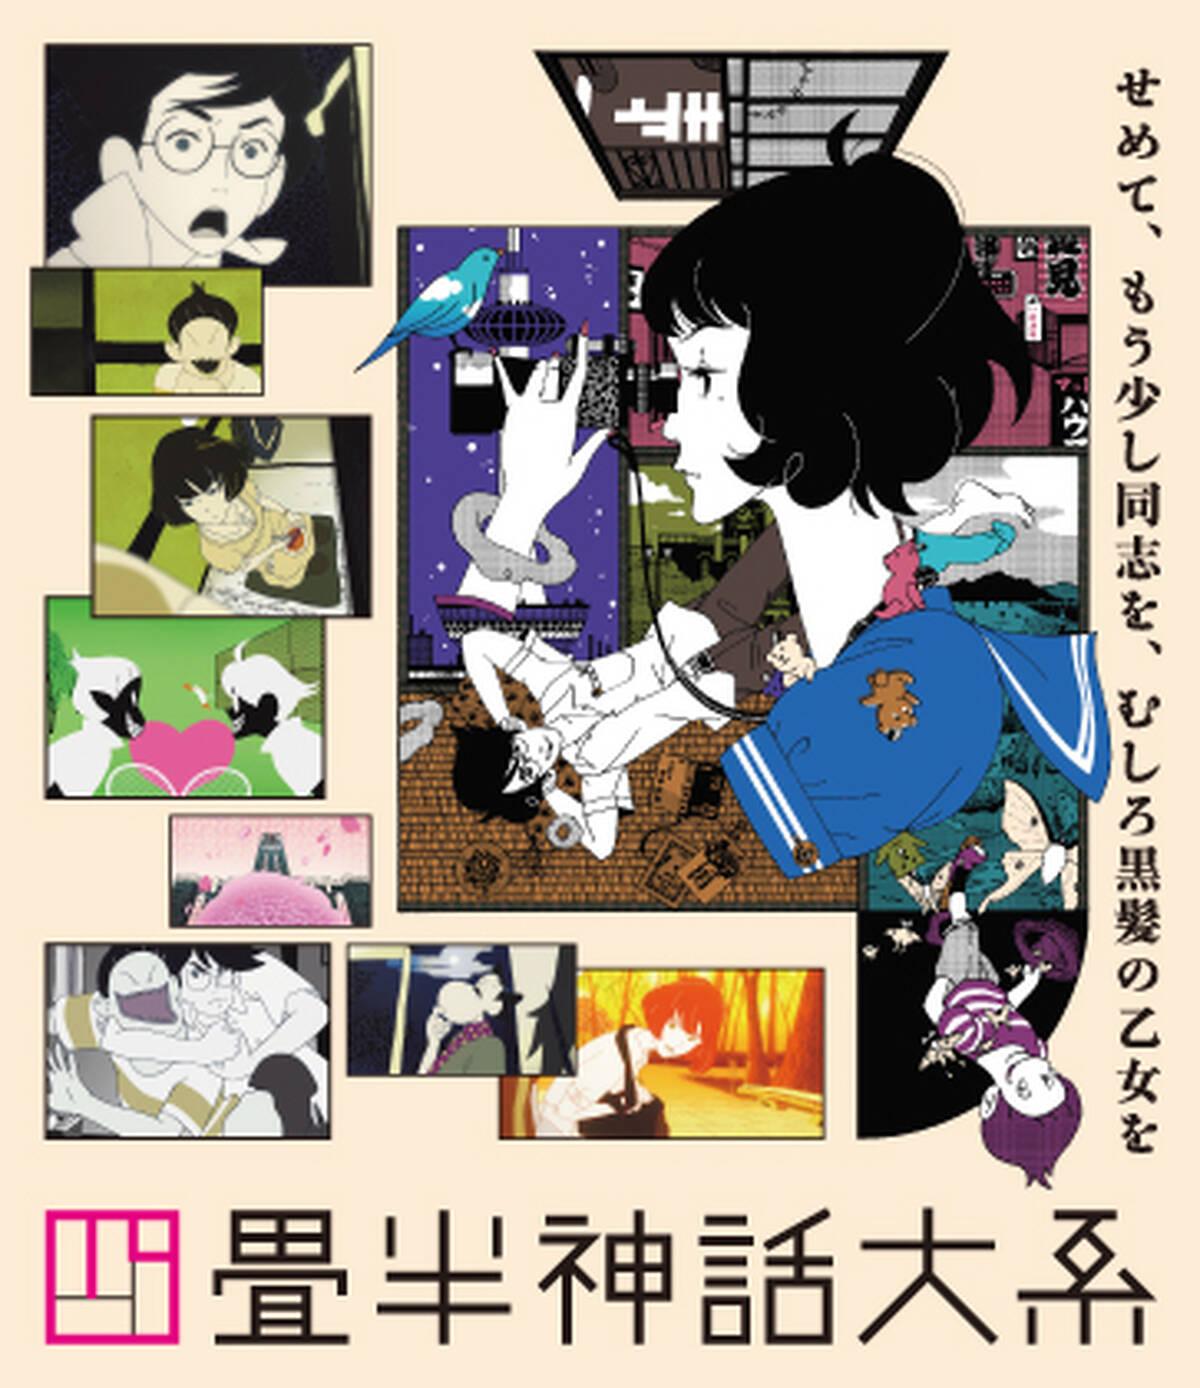 ノイタミナ史上最高傑作の神アニメ 名作 四畳半神話大系 Boxを6月18日に発売 アキバ総研